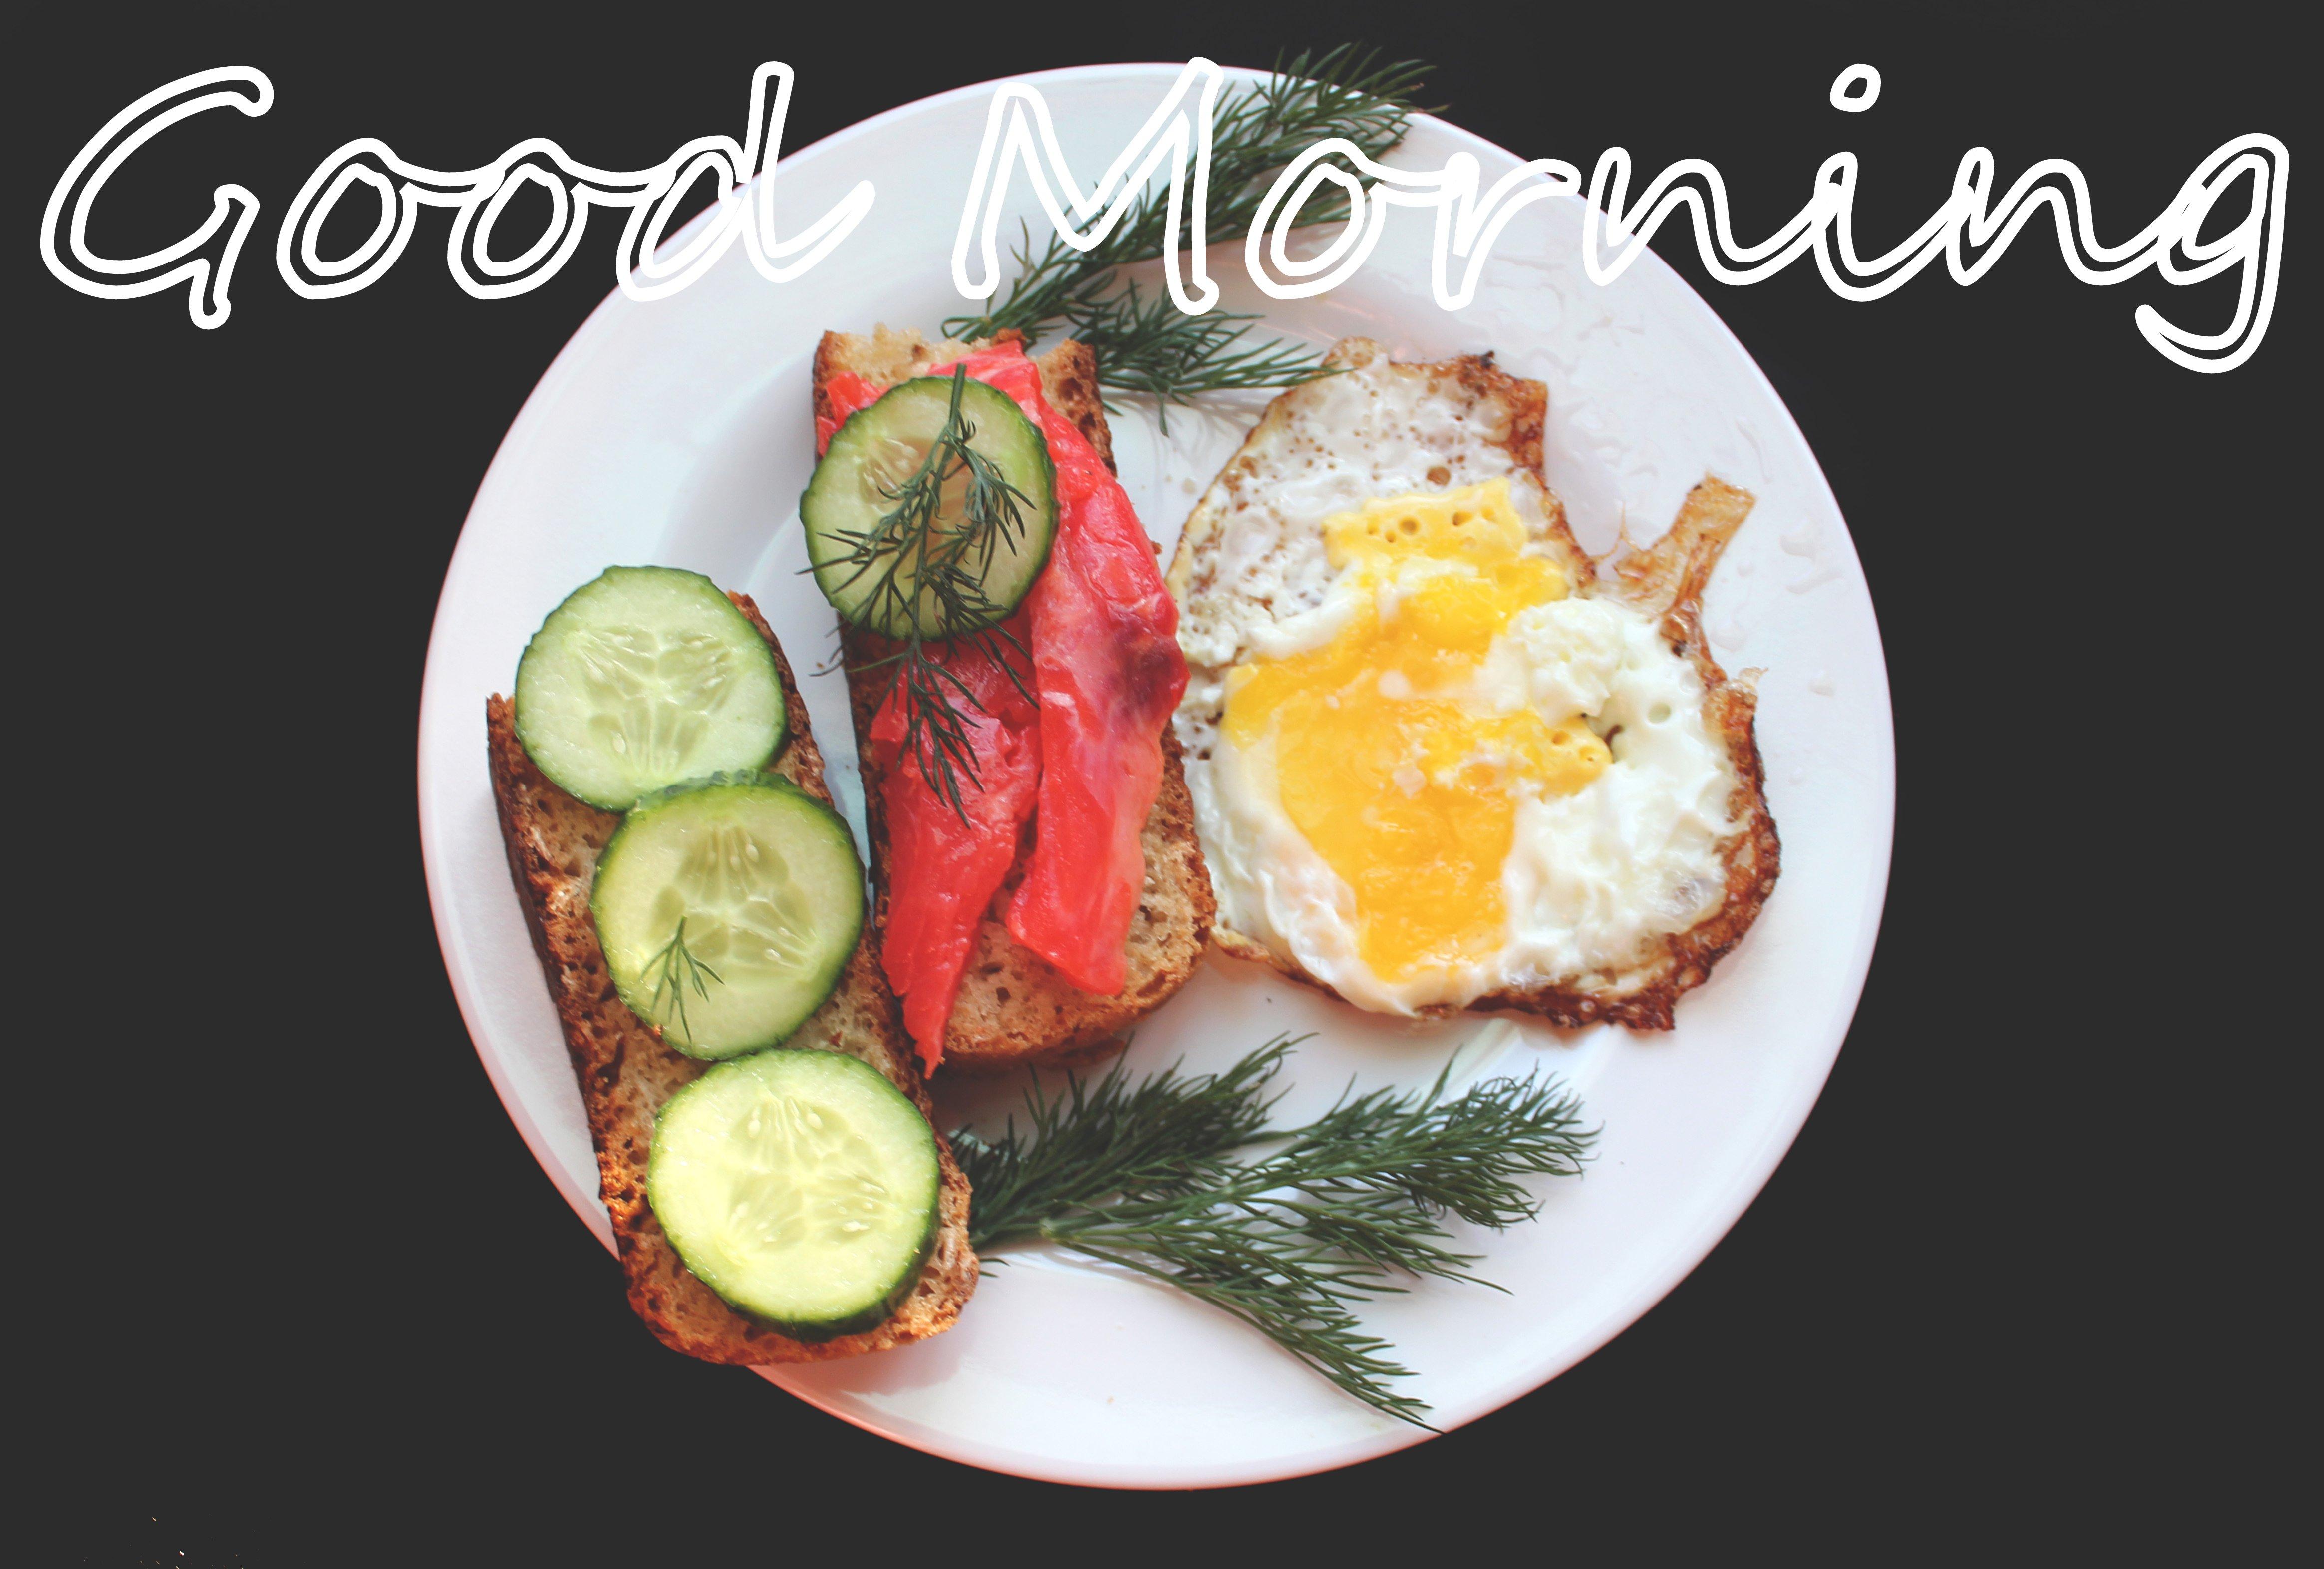 Bữa ăn sáng đẹp mắt - Lời chúc buổi sáng đẹp